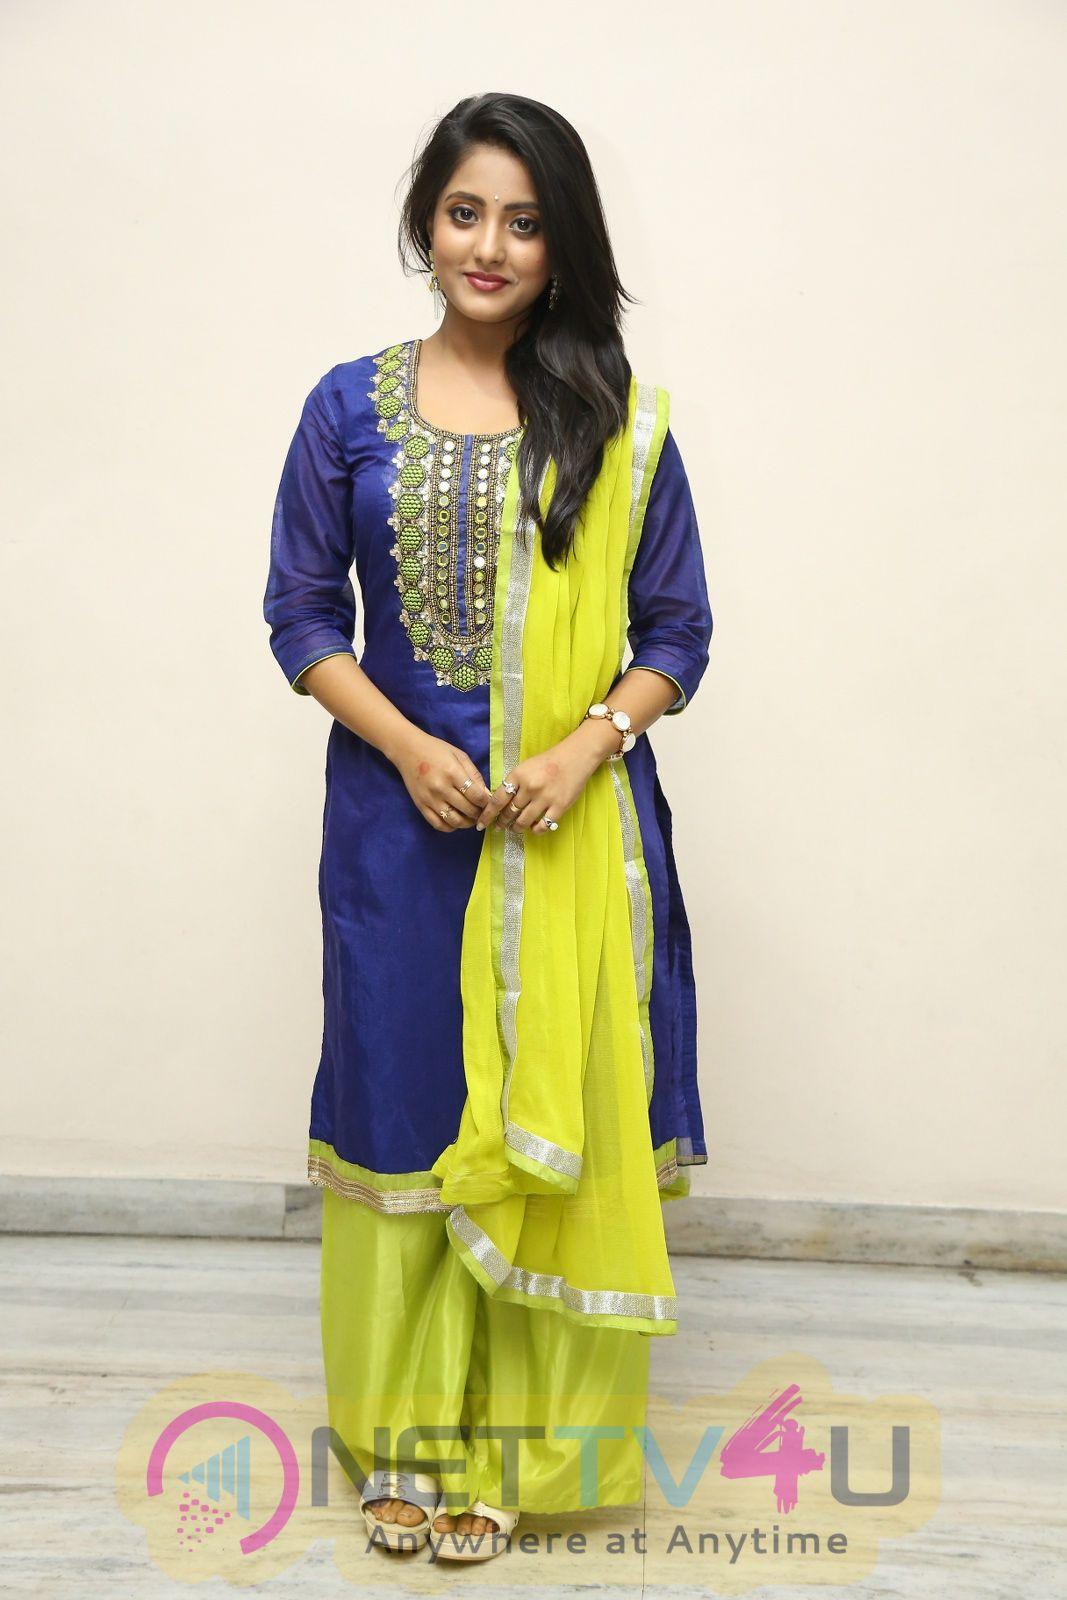 Actress Ulka Gupta Lovely Stills Hindi Gallery